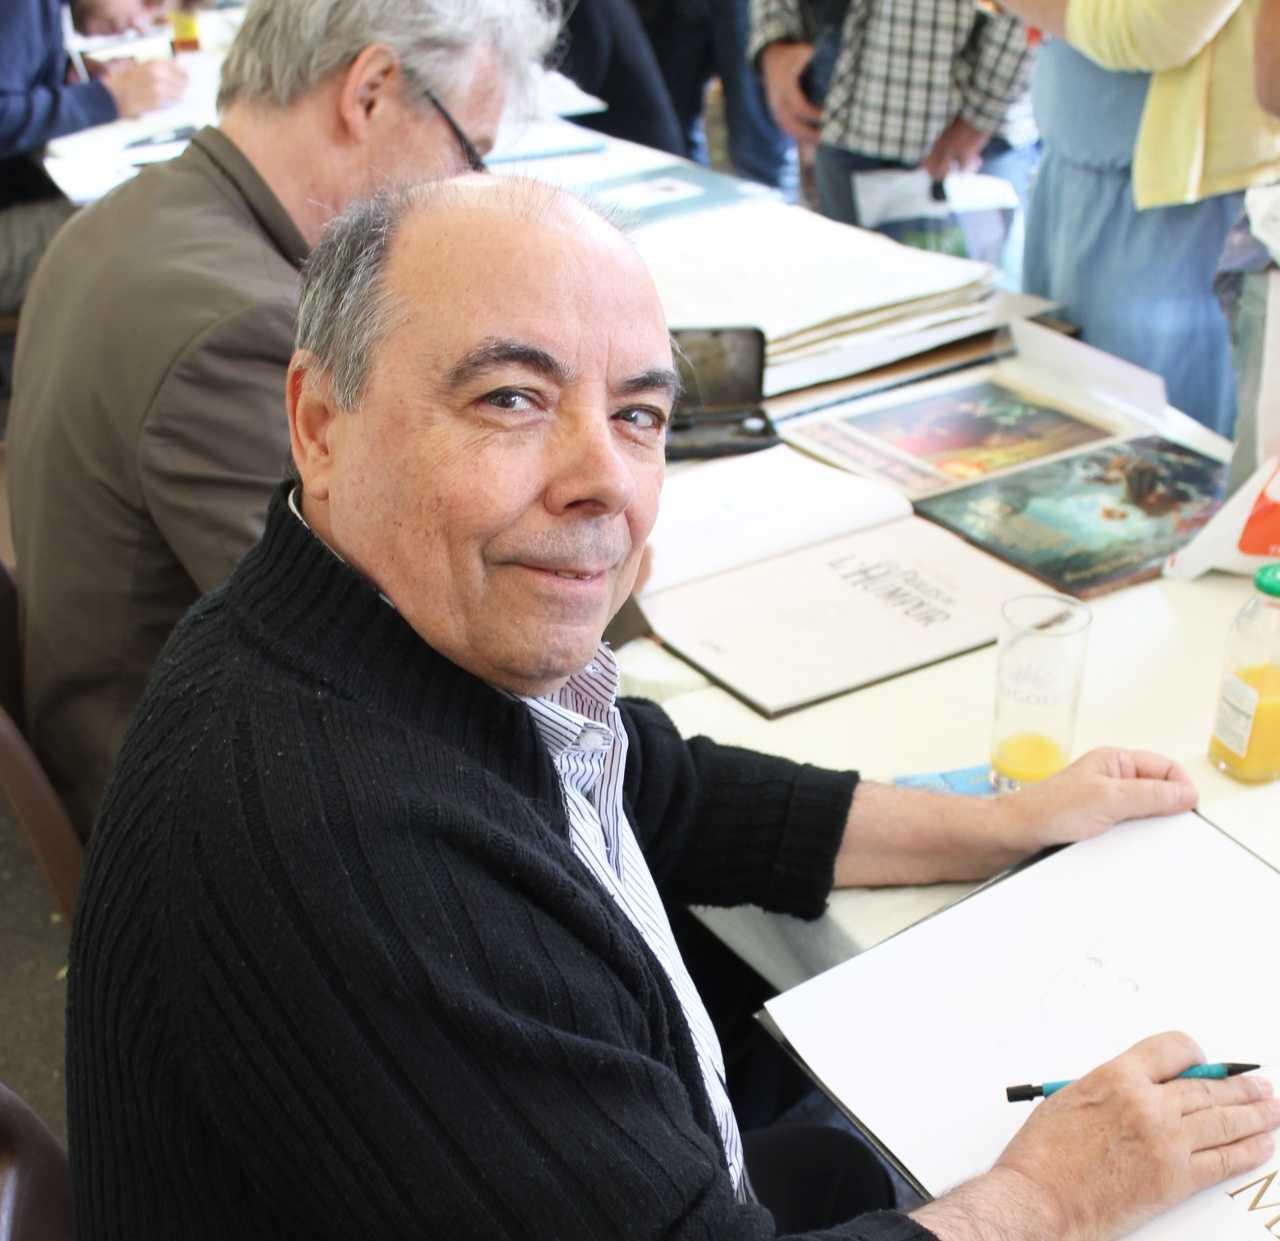 Pour les 48H BD, Gine, Jim et Alain Janolle en dédicace chez Sauramps les 6 et 7 avril